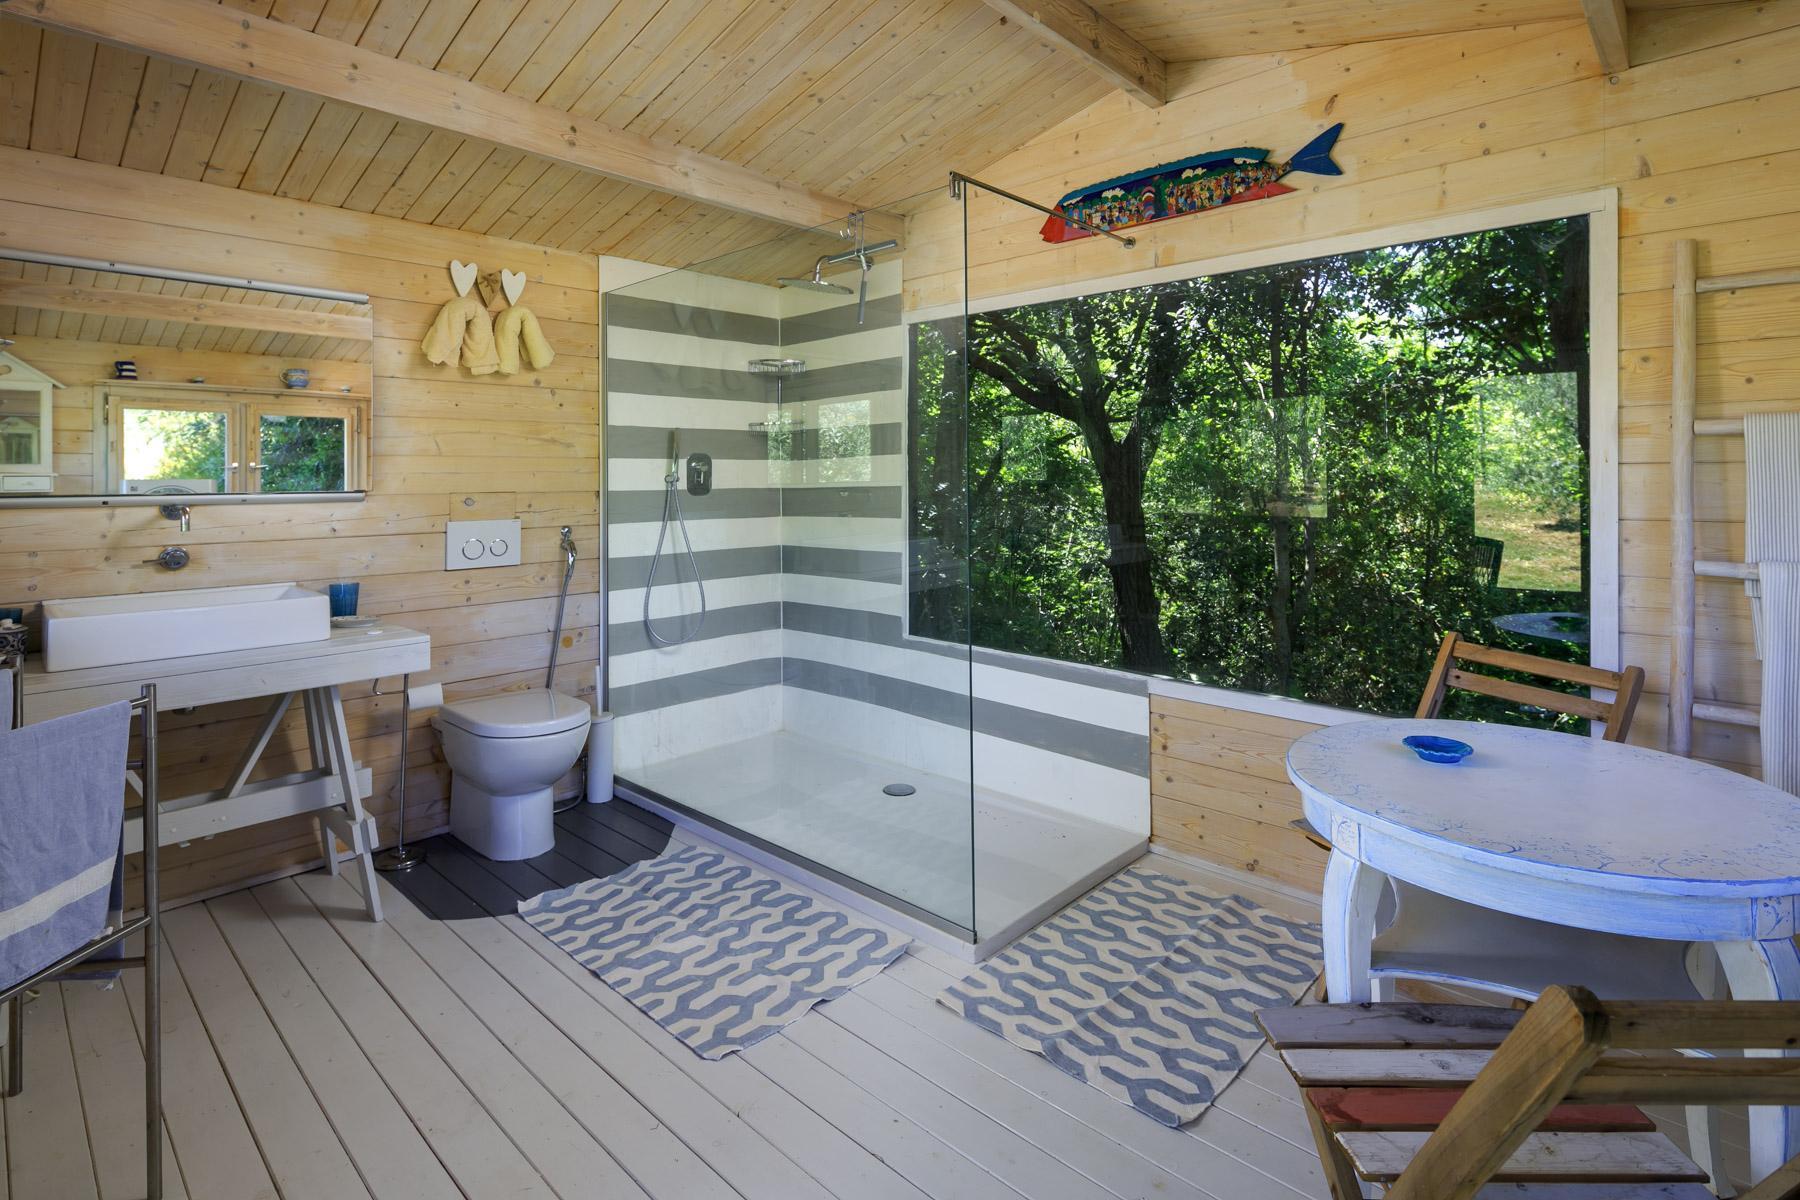 托斯卡纳地区拥有游泳池惬意的别墅 - 16